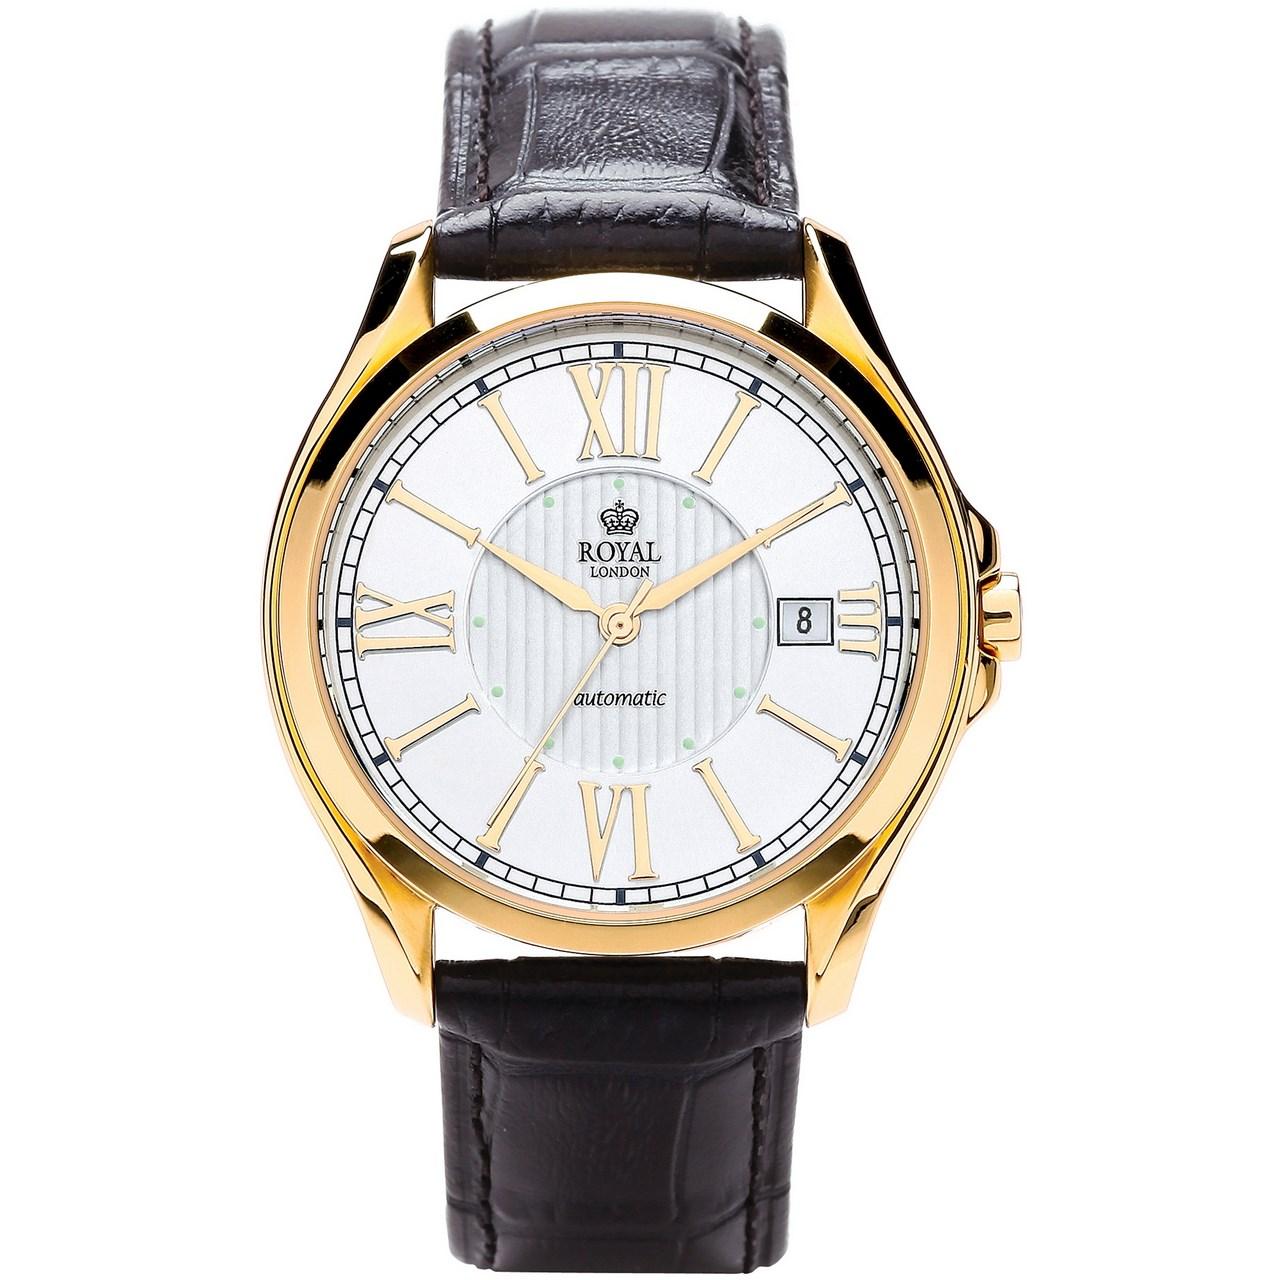 ساعت مچی عقربه ای مردانه رویال لندن مدل RL-41152-03 54